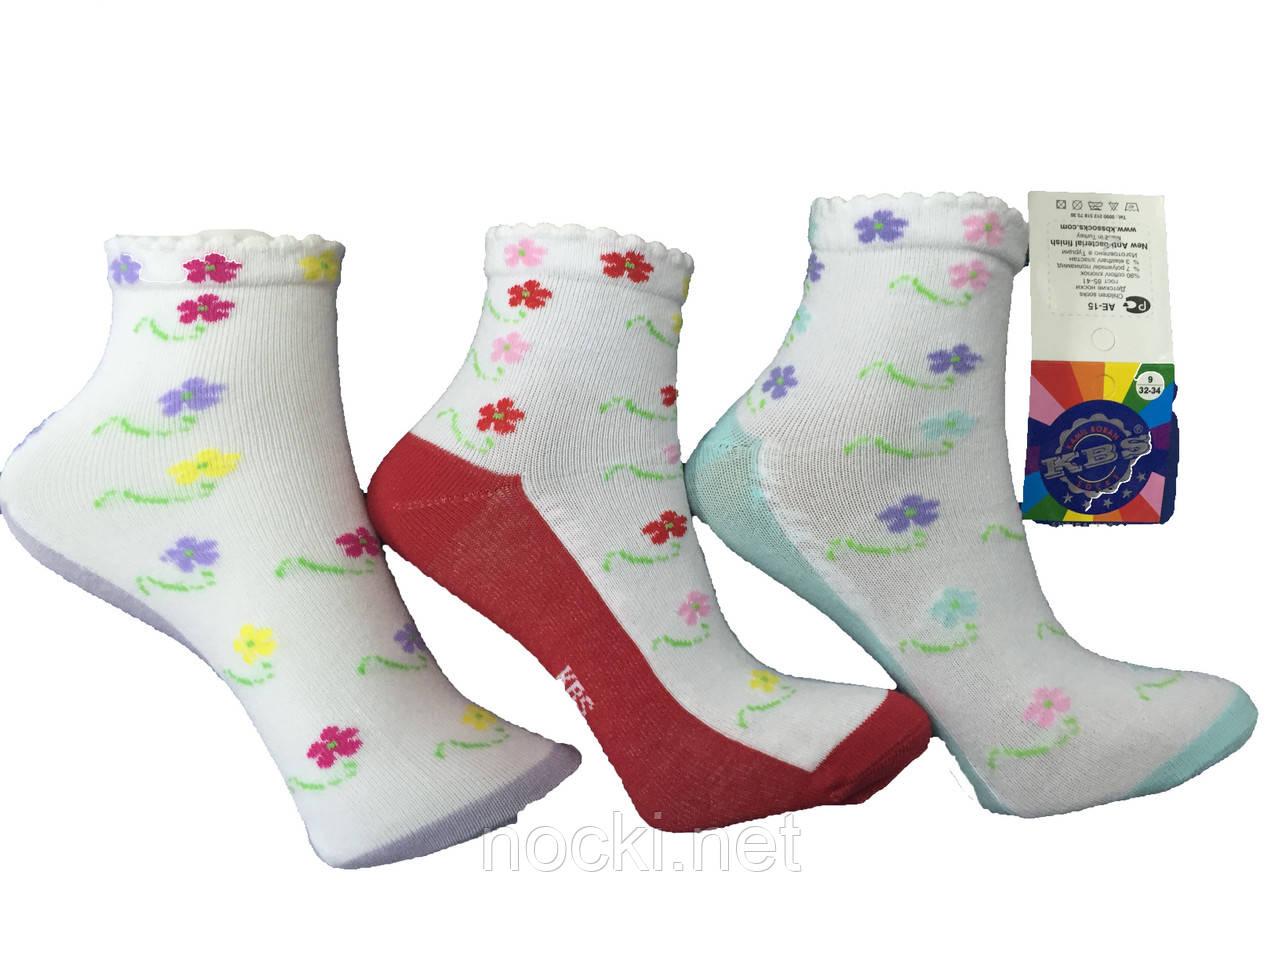 Шкарпетки дитячі бавовна KBS пр-під Туреччина